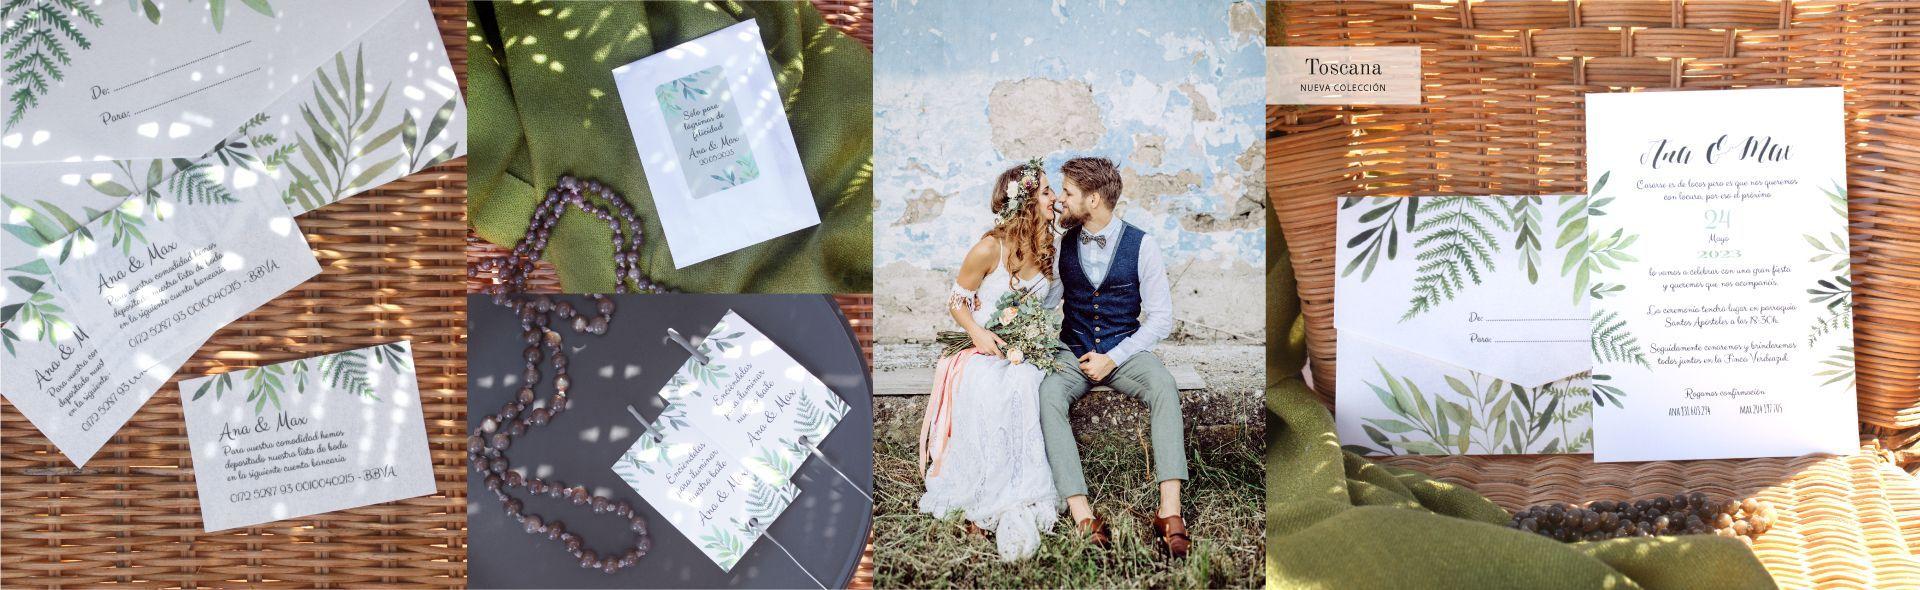 Toscana: Invitación de boda Floral Deco